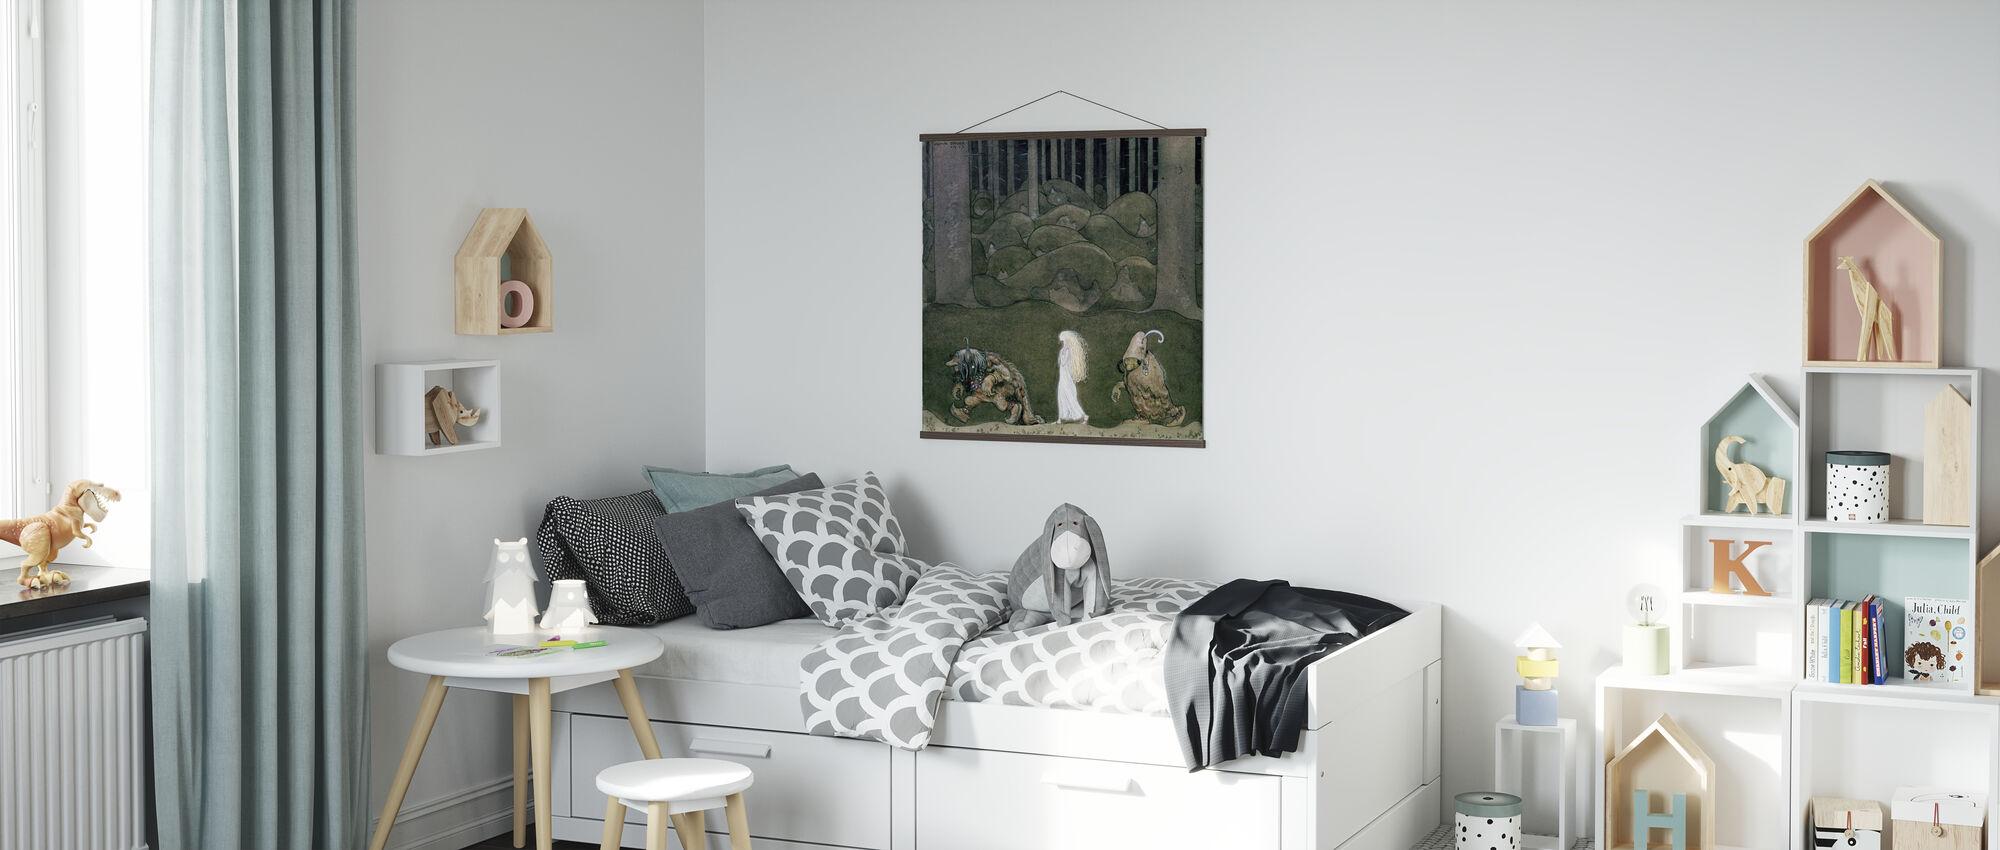 Prinzessin und die Trolle - John Bauer - Poster - Kinderzimmer